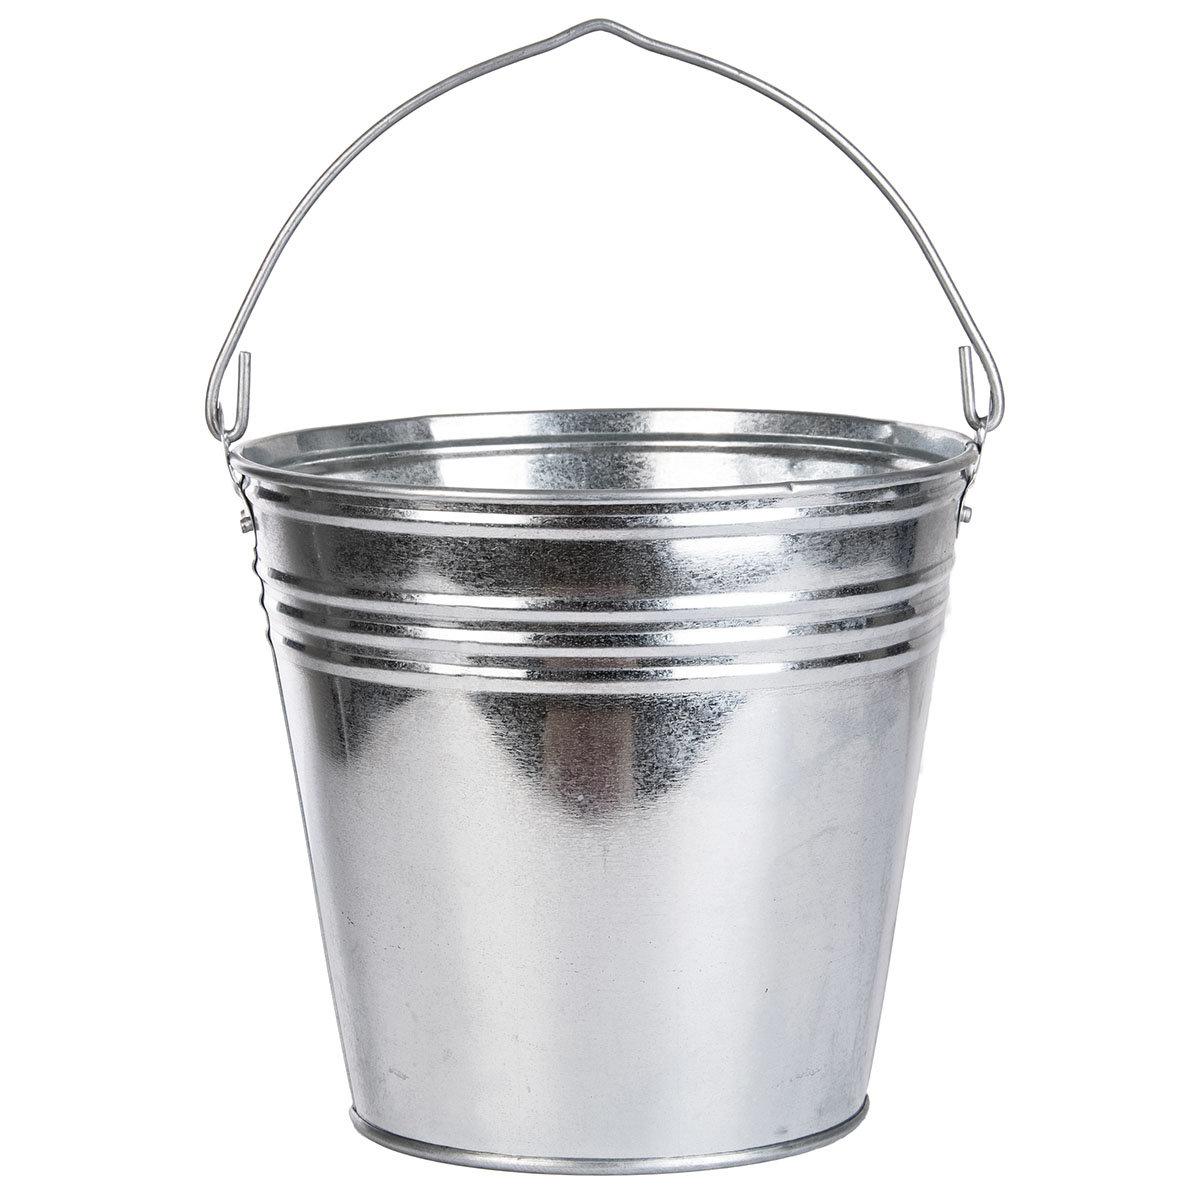 Zinkeimer mit Henkel, ca. 9 Liter